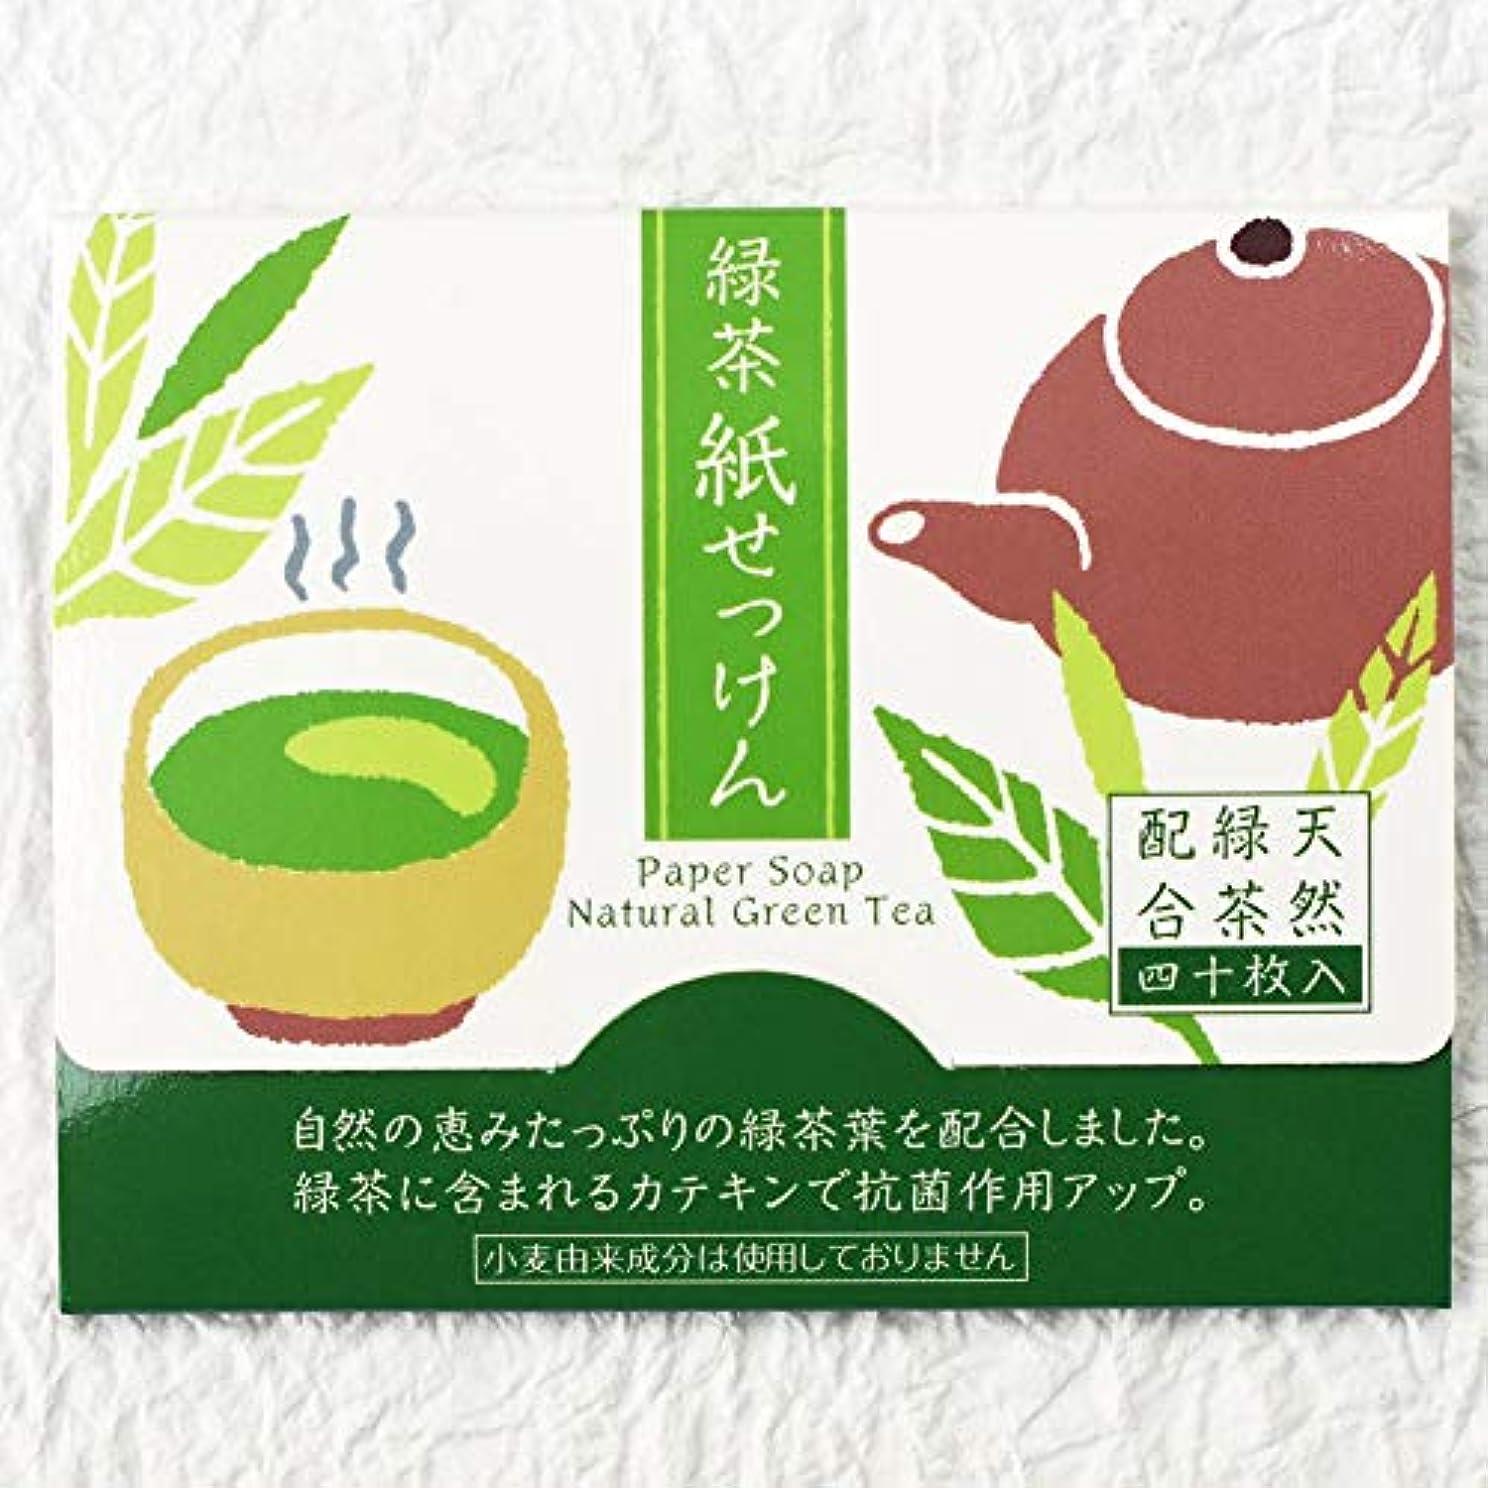 合成ゲート木表現社 紙せっけん 天然緑茶配合 22-289